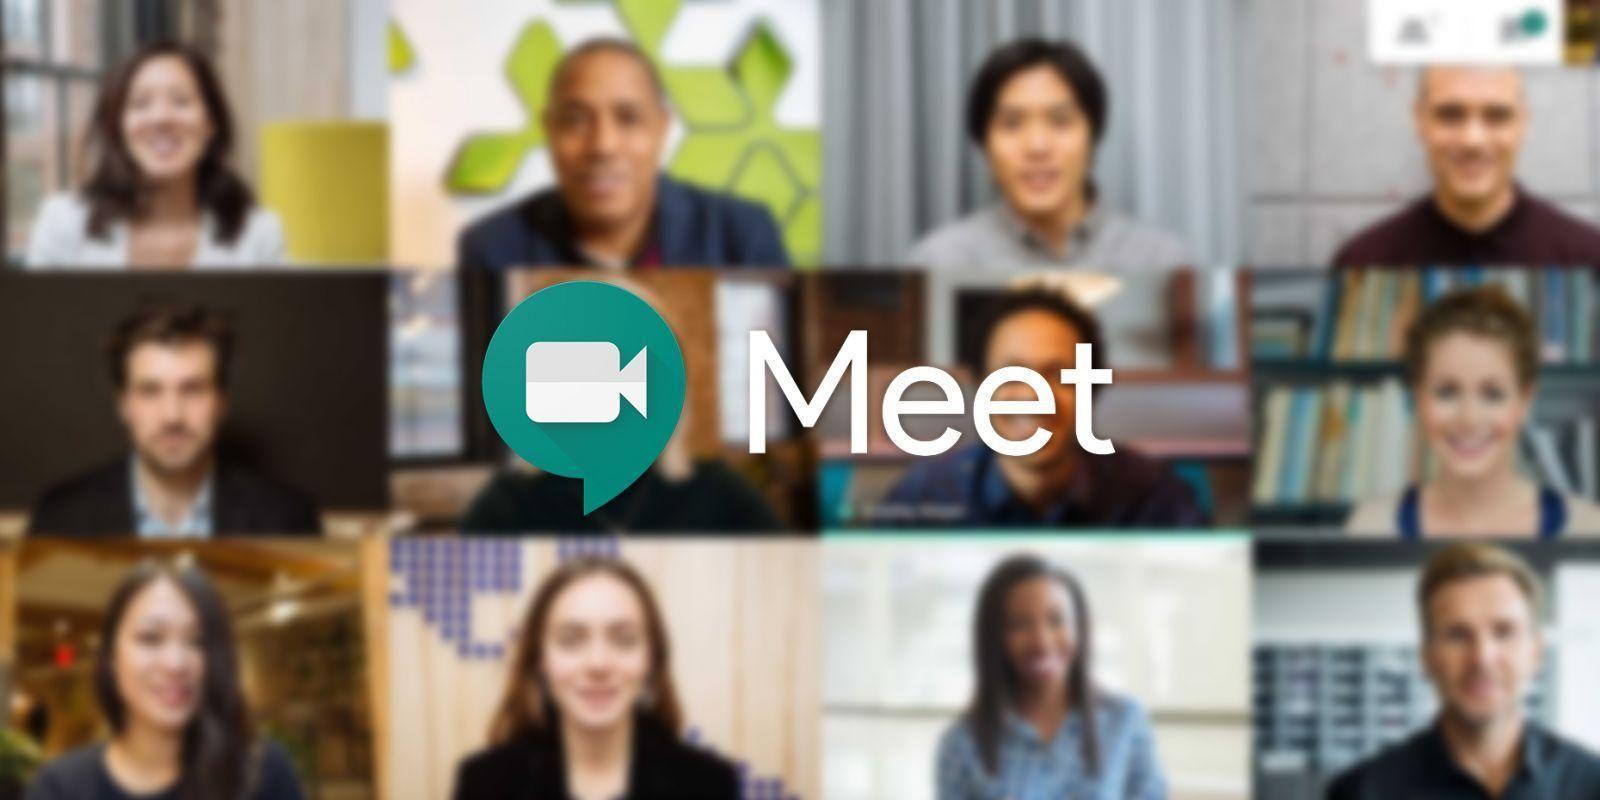 В Google Meet для Android и iOS появилась функция шумоподавления (Google Meet 1.max)